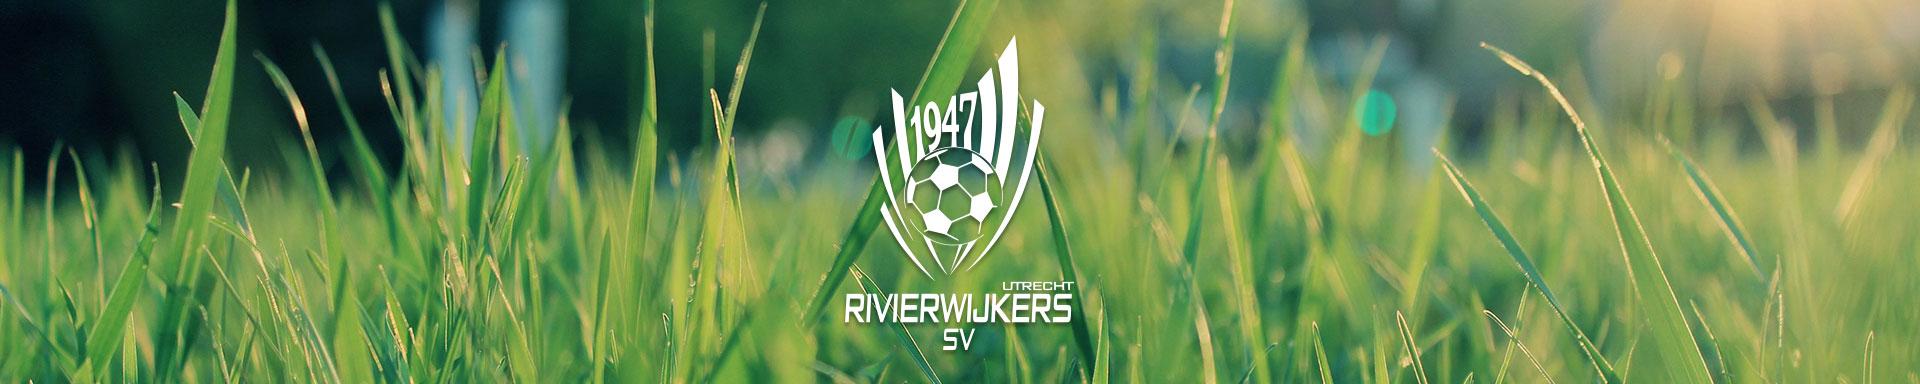 SV Rivierwijkers